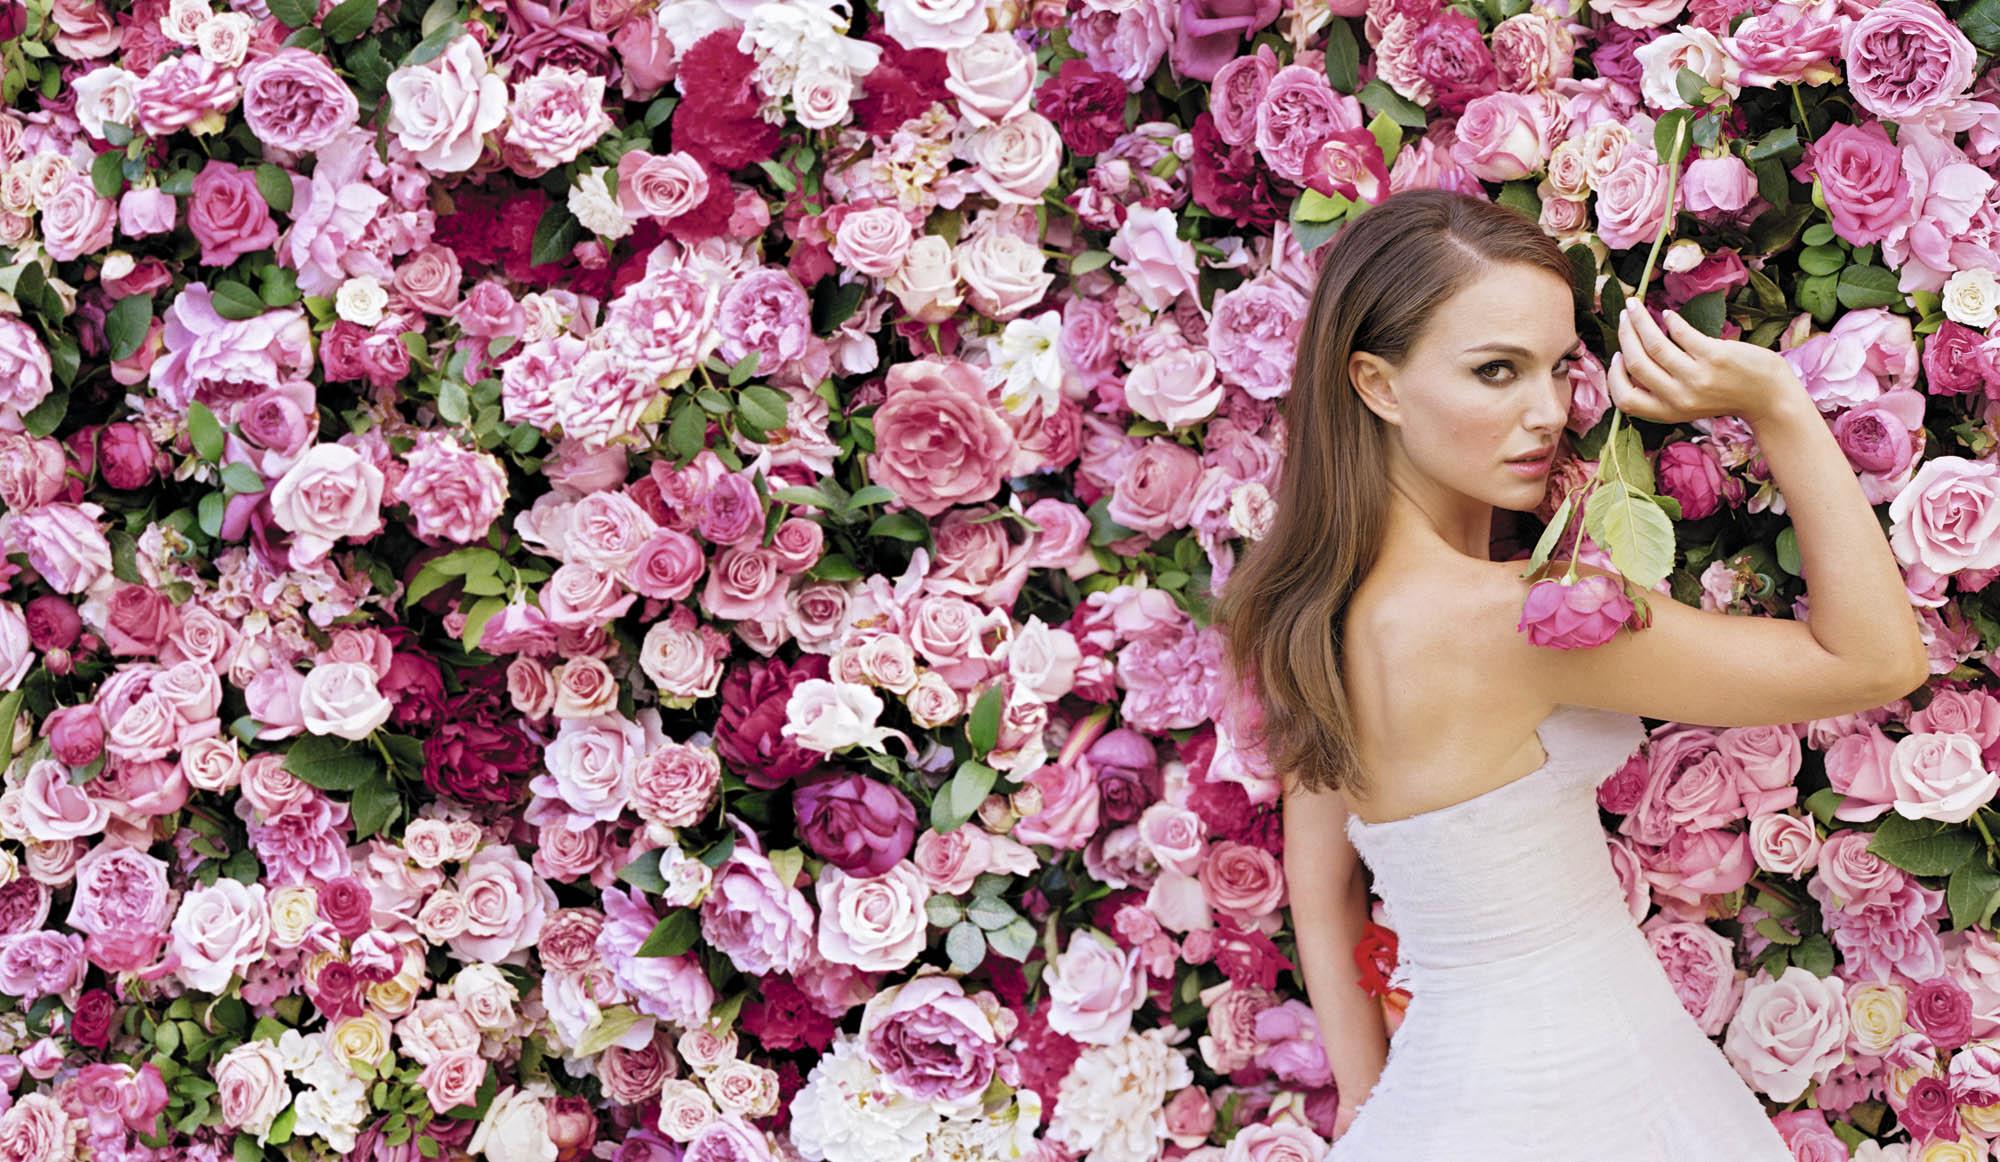 Natalie Portman (via halcyonrealms.com)